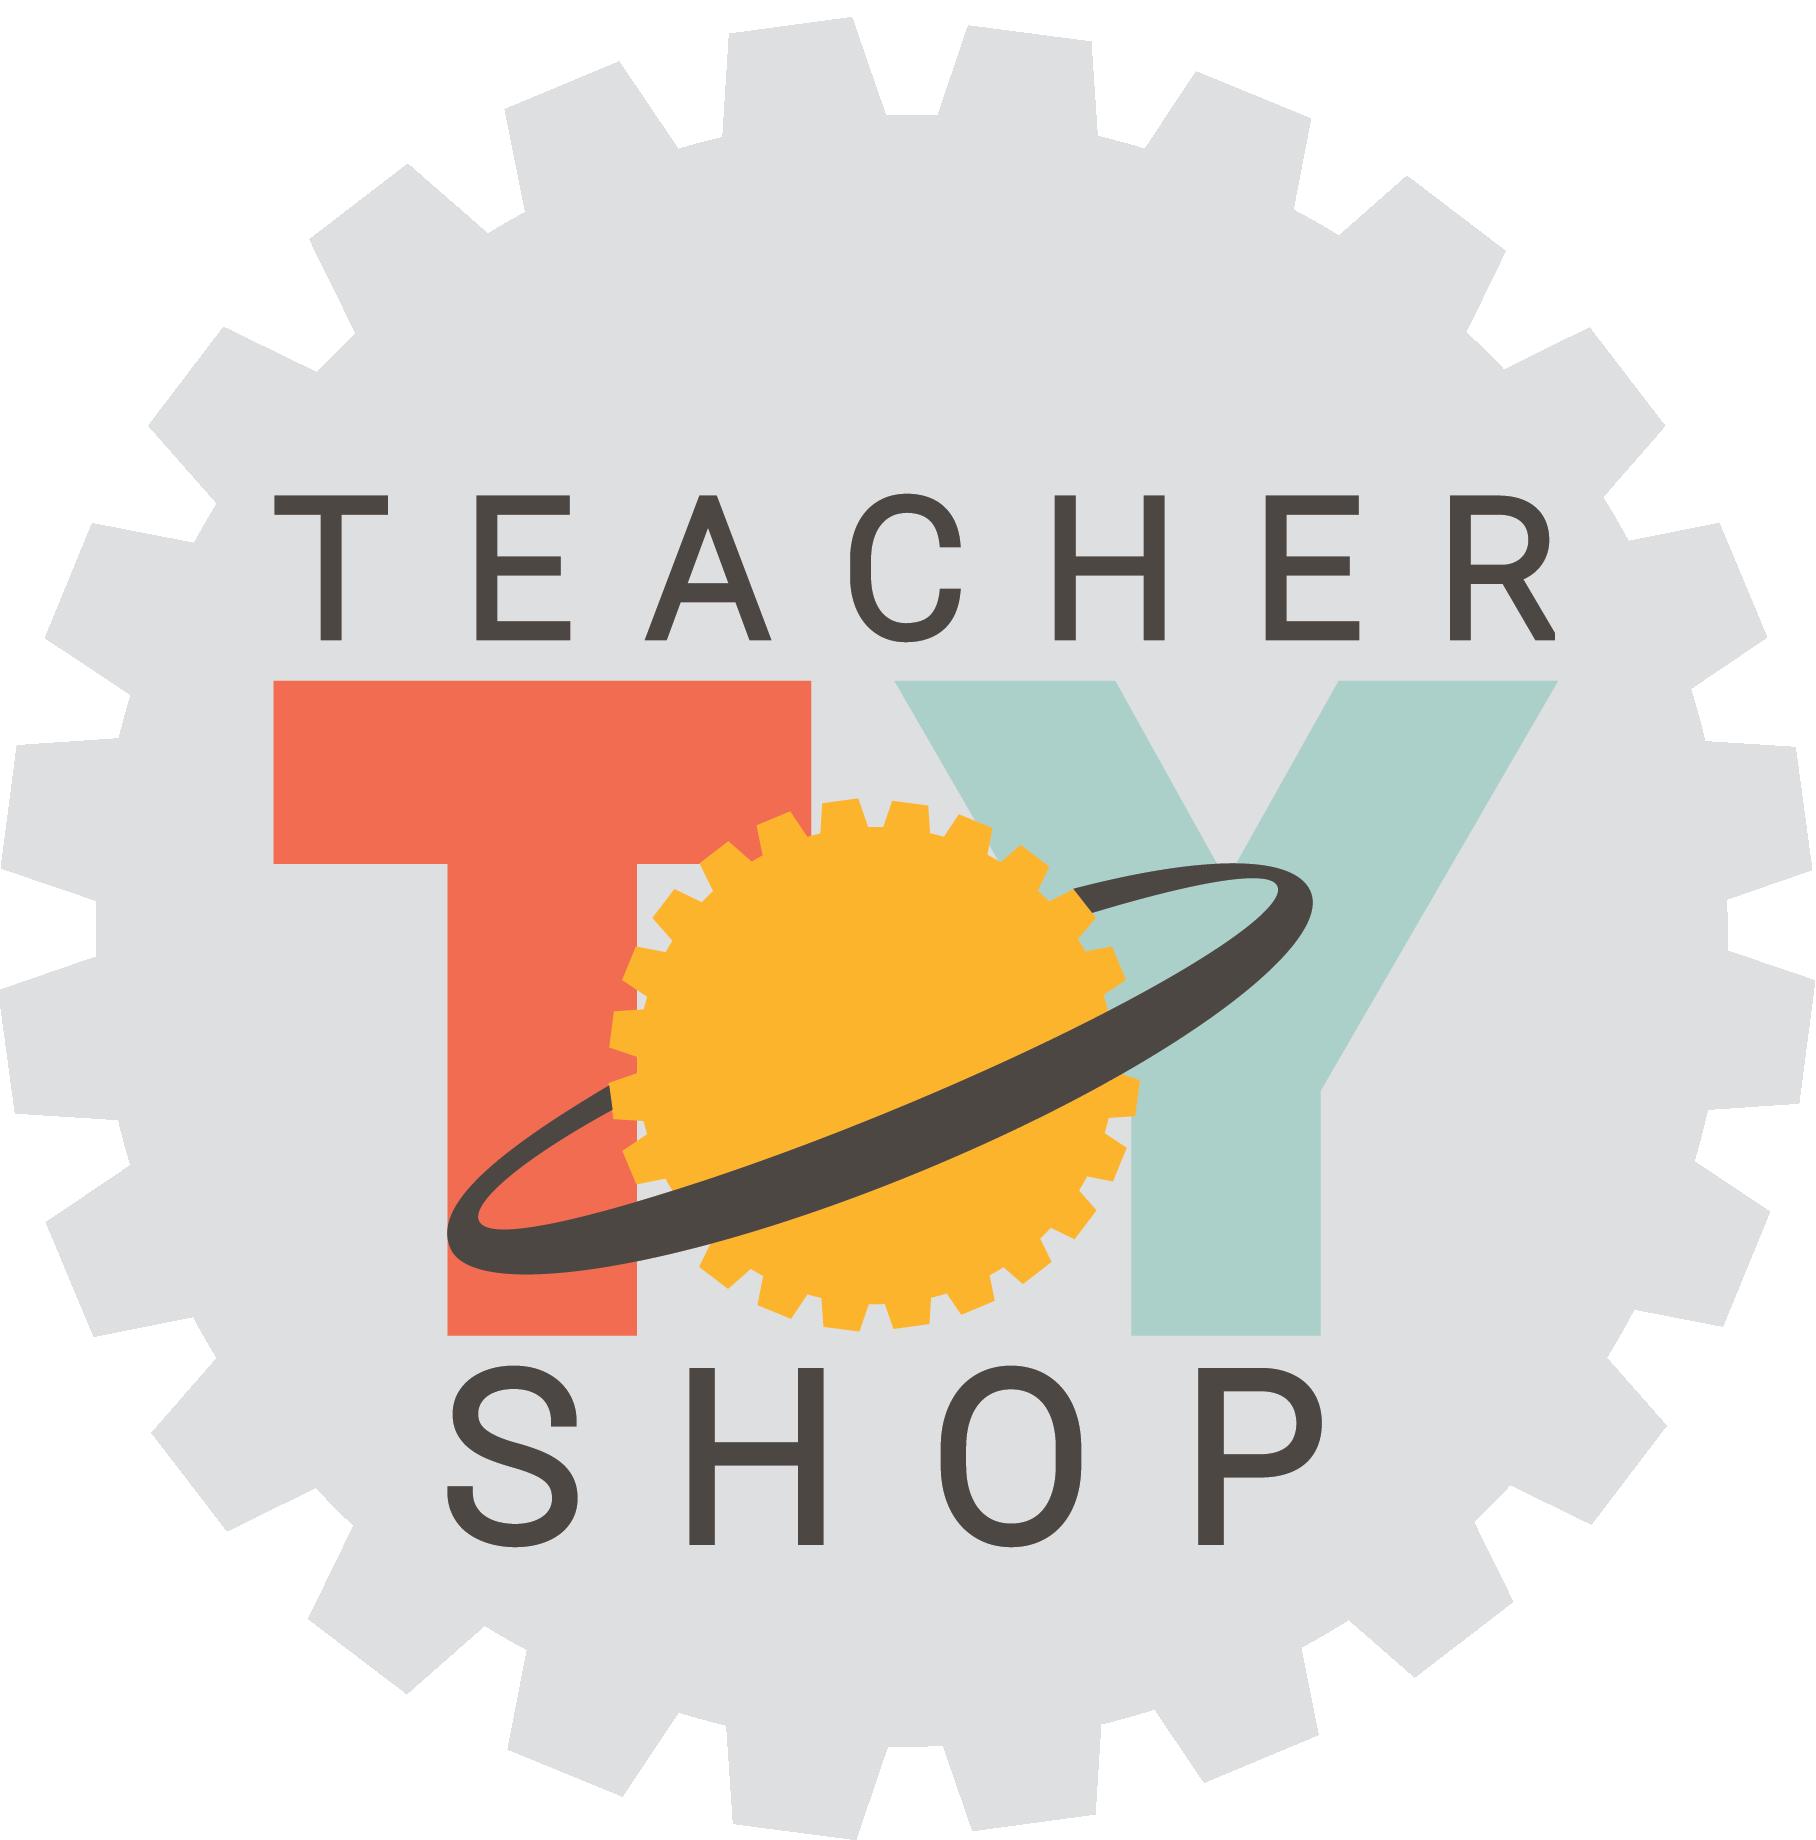 teacher-toy-shop-final-logos-01.png